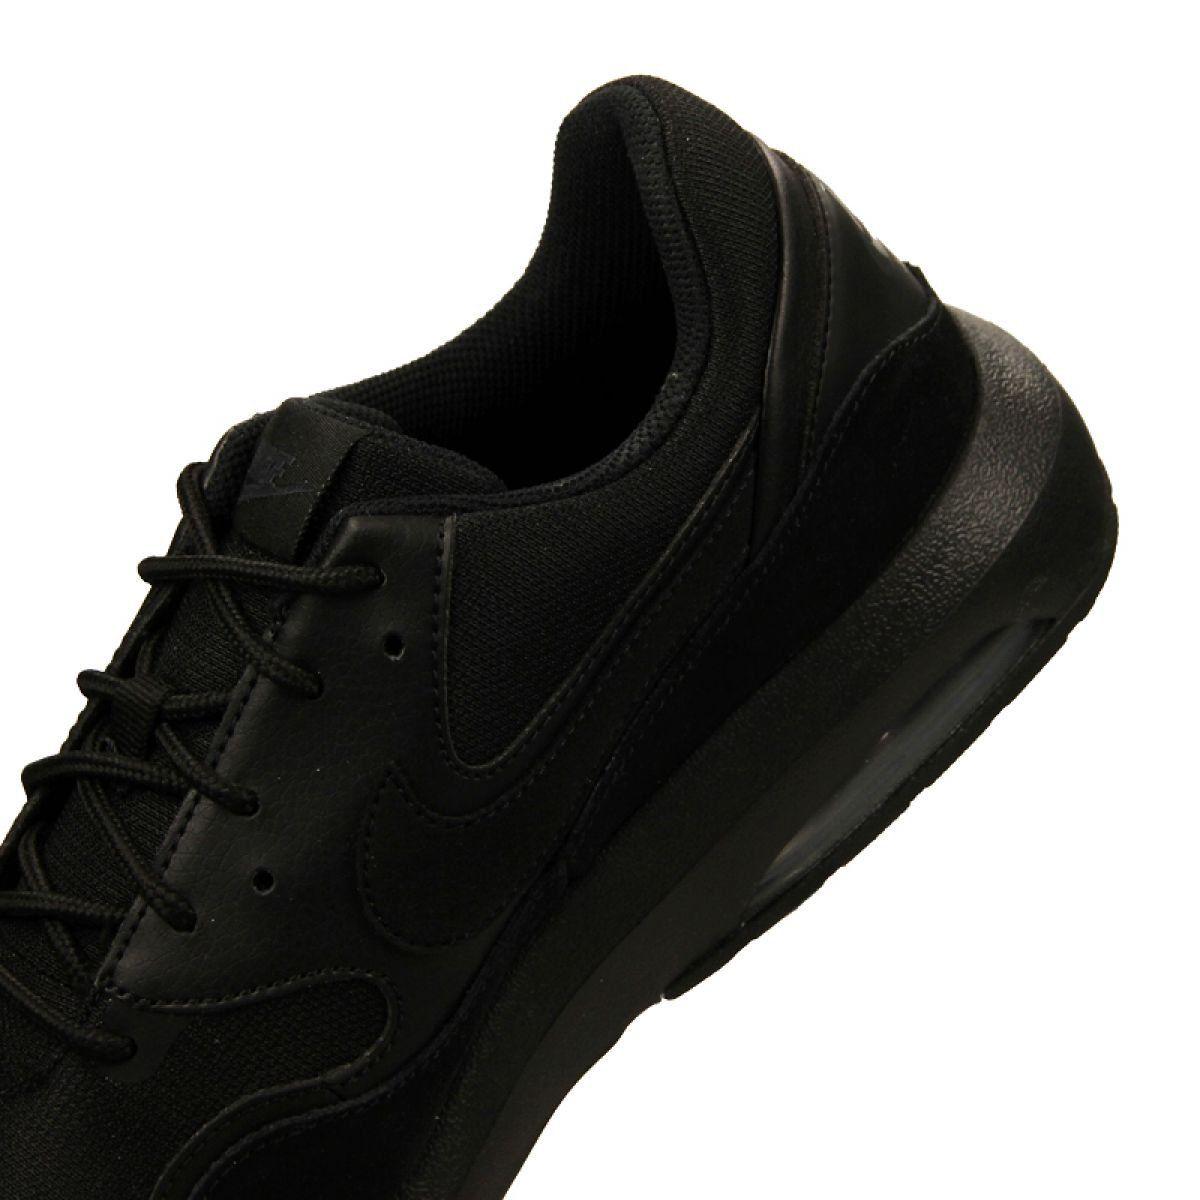 Buty Nike Air Max Nostalgic M 916781 006 Czarne Nike Air Max Black Shoes Nike Air